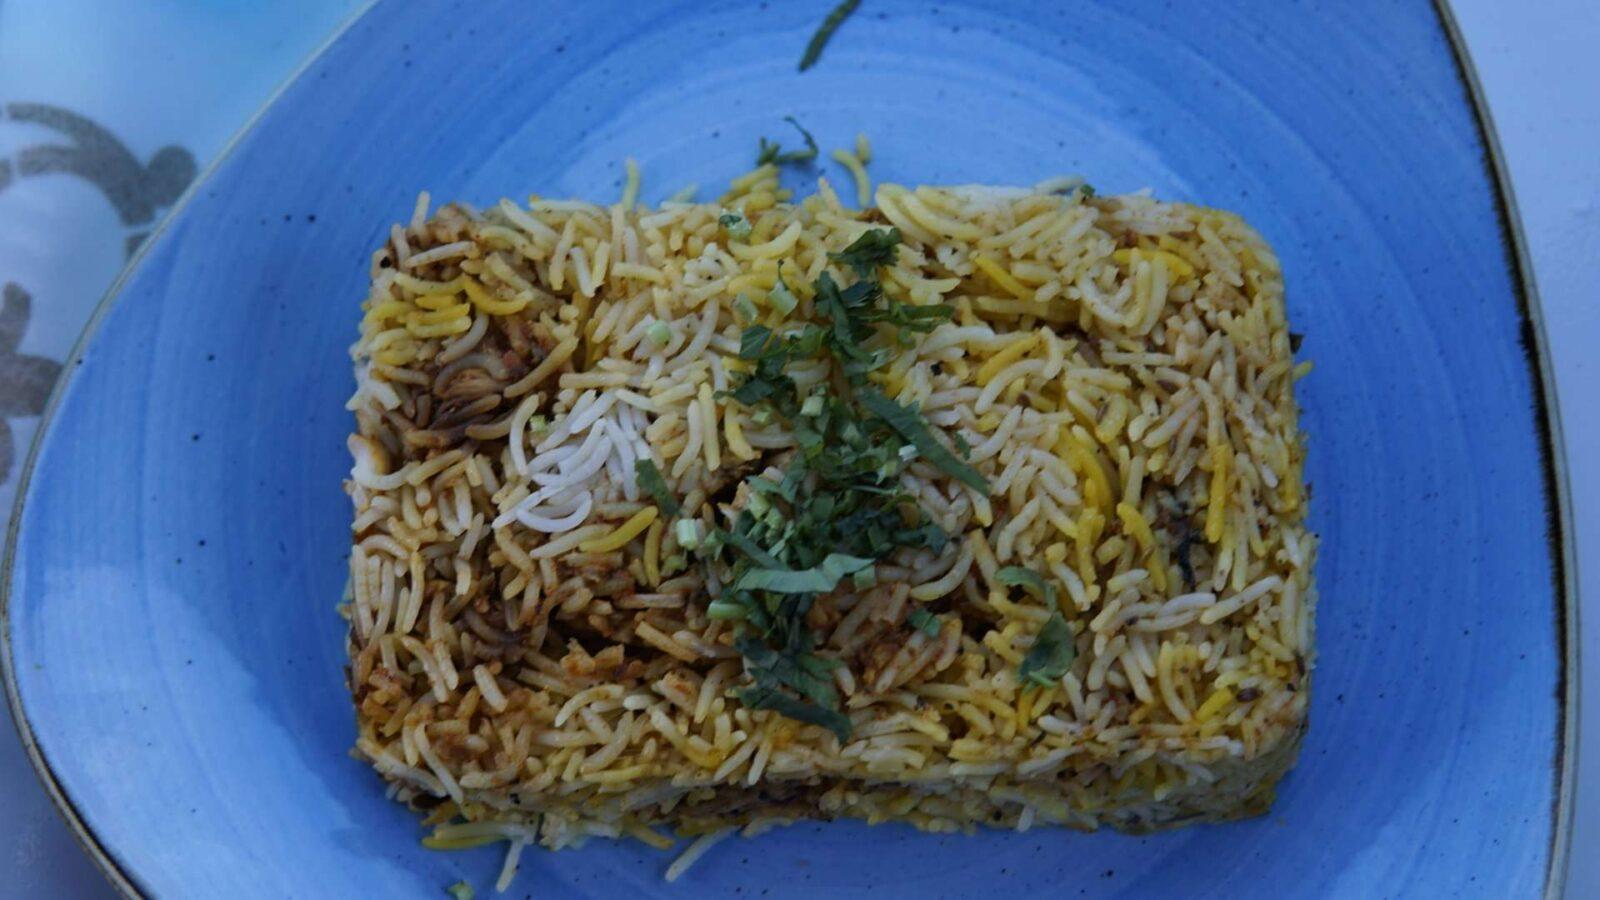 Tasty Biryani